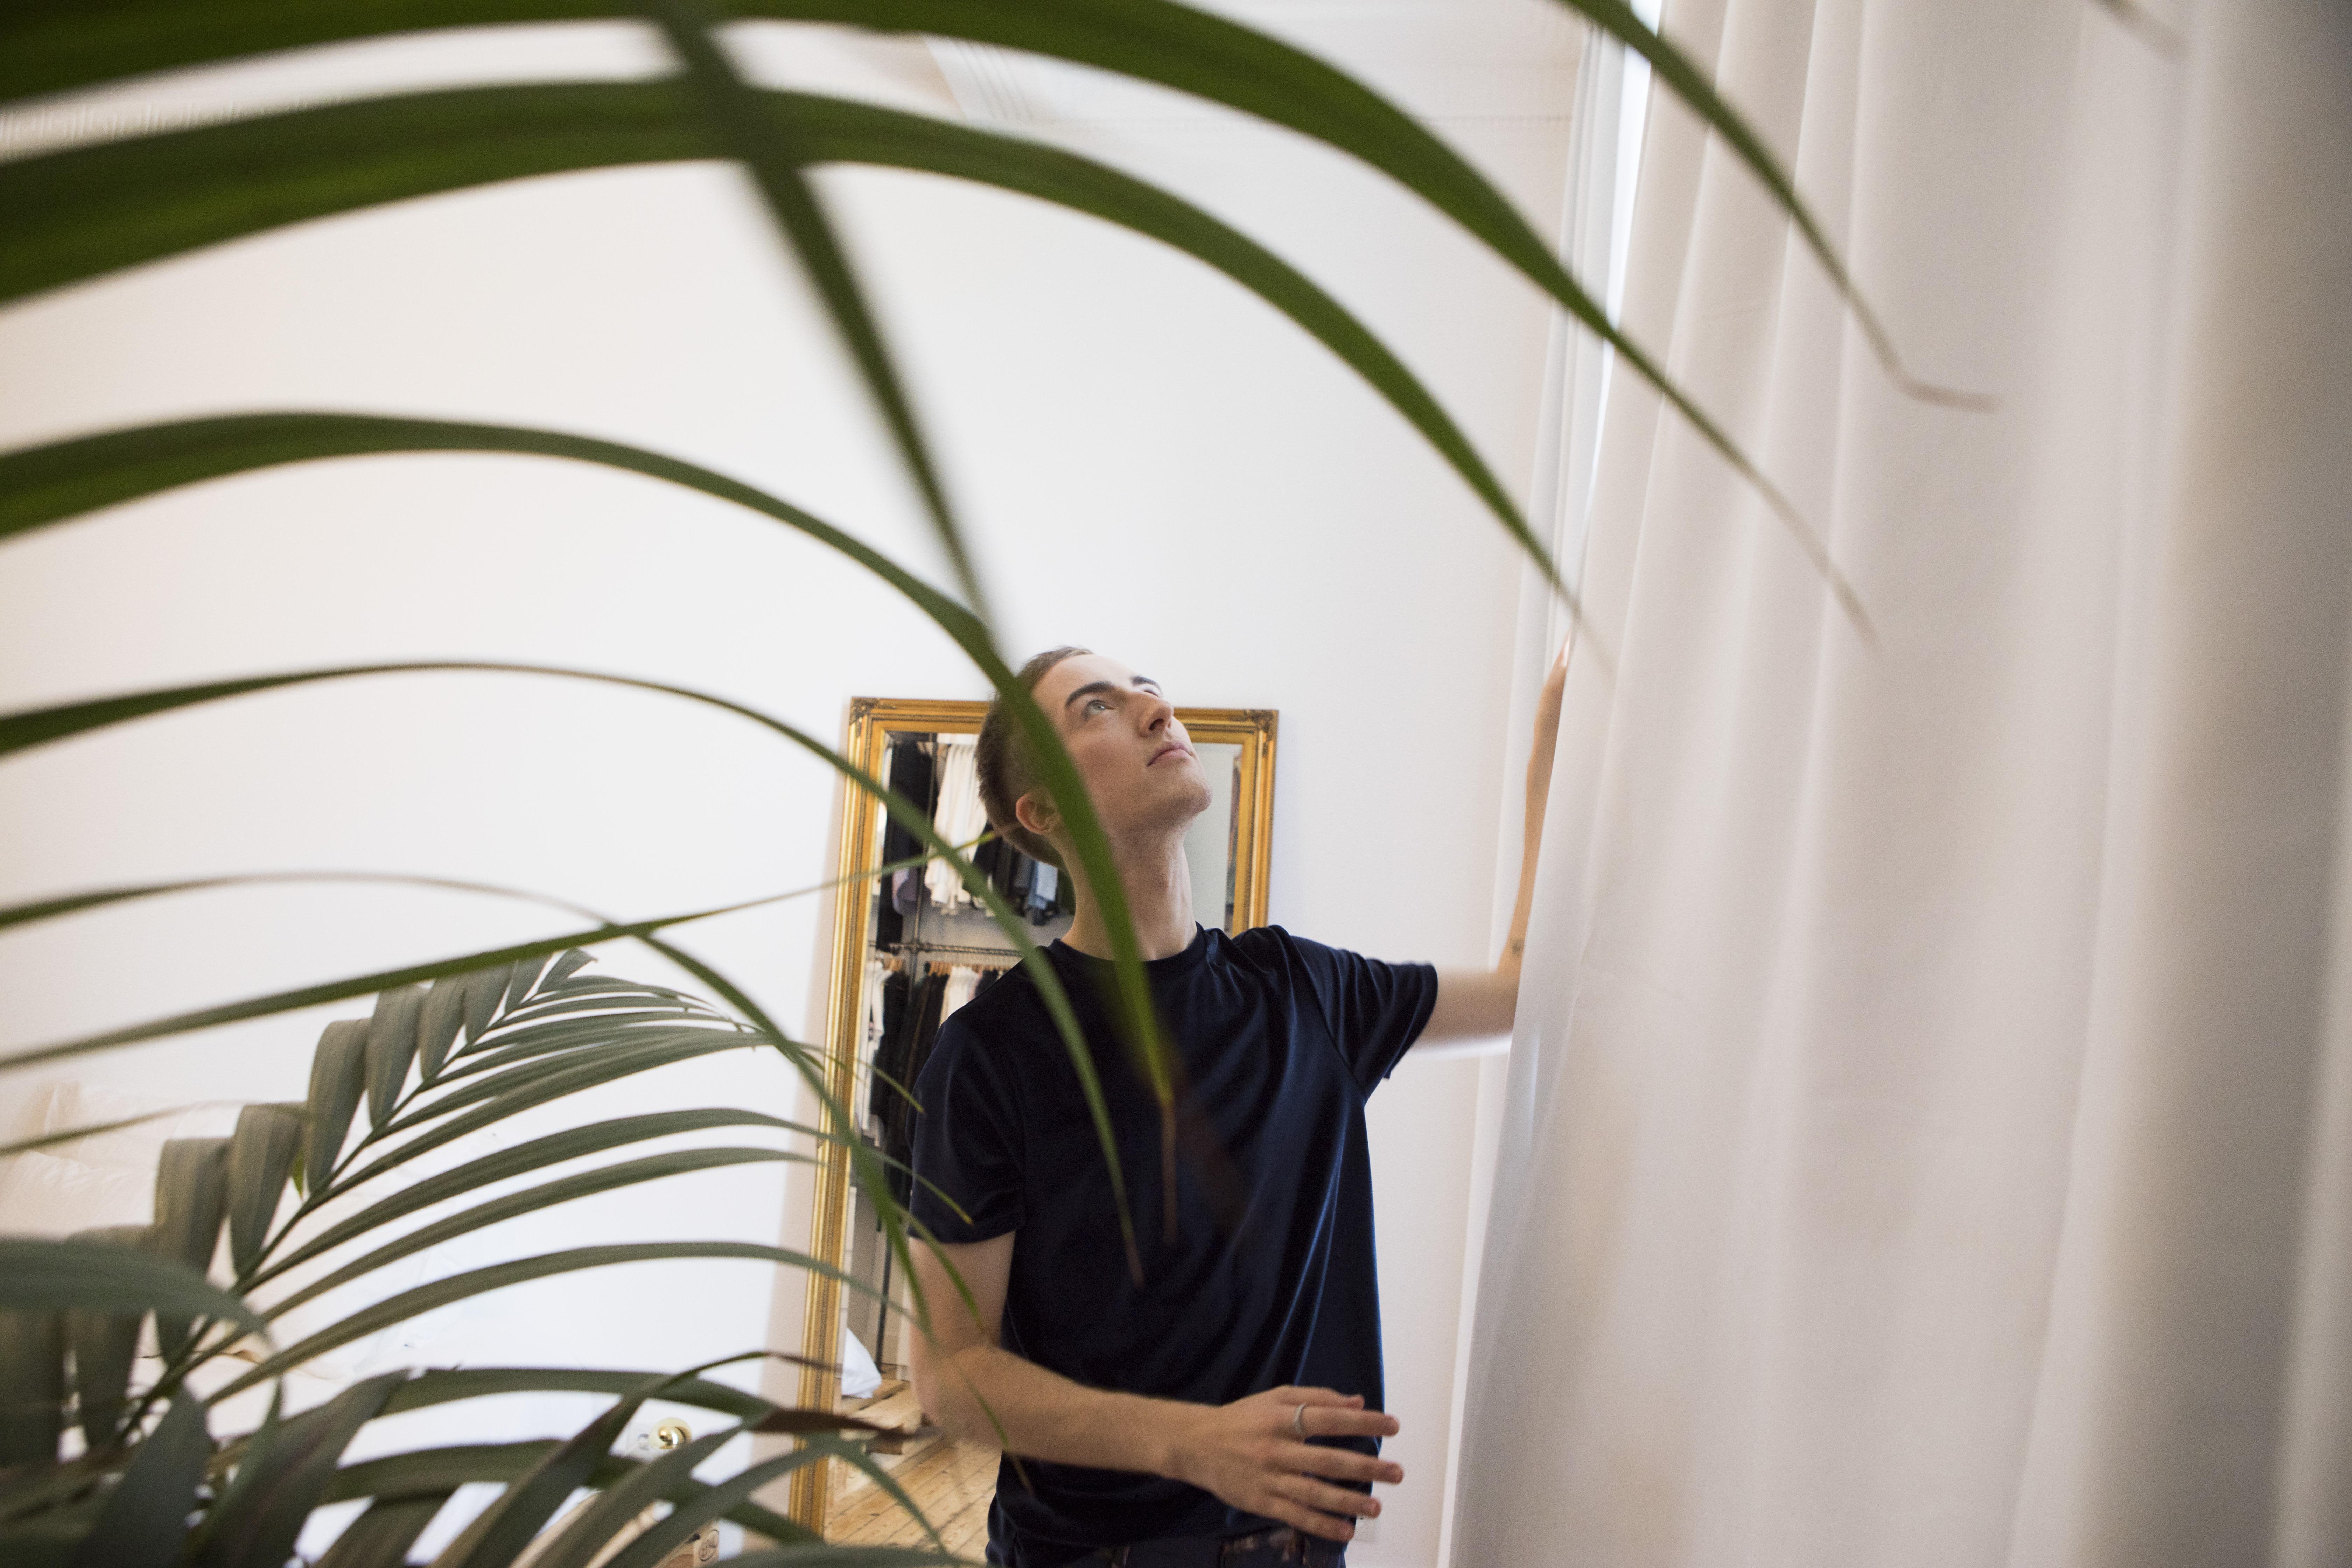 Behangpapier Slaapkamer Heytens : Ontmoeting gerrit and the city onthult zijn nieuw heytens decor